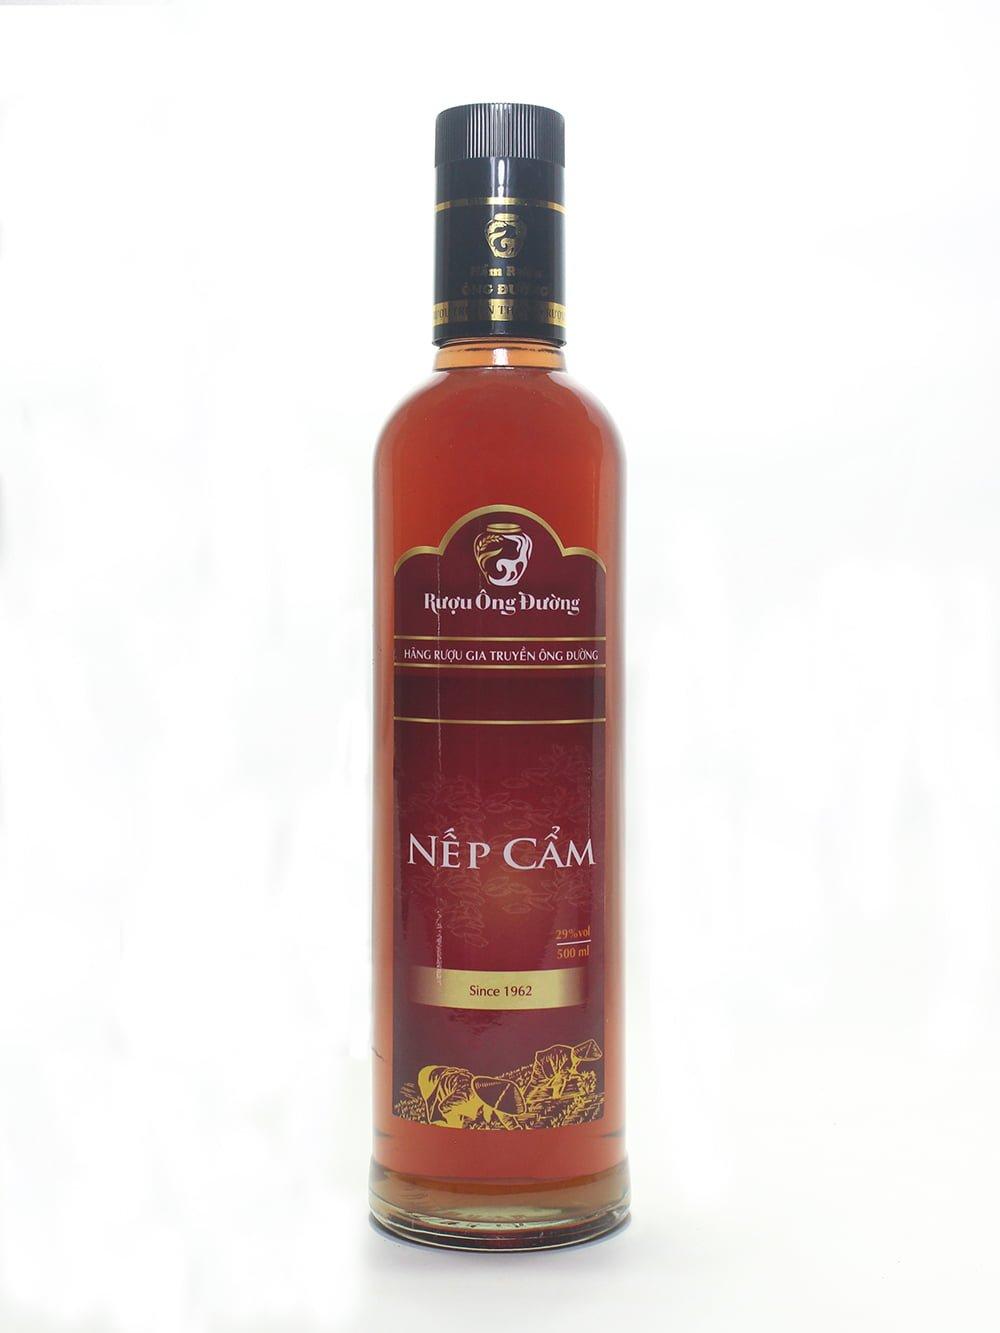 Chai rượu nếp cẩm với thiết kế sang trọng